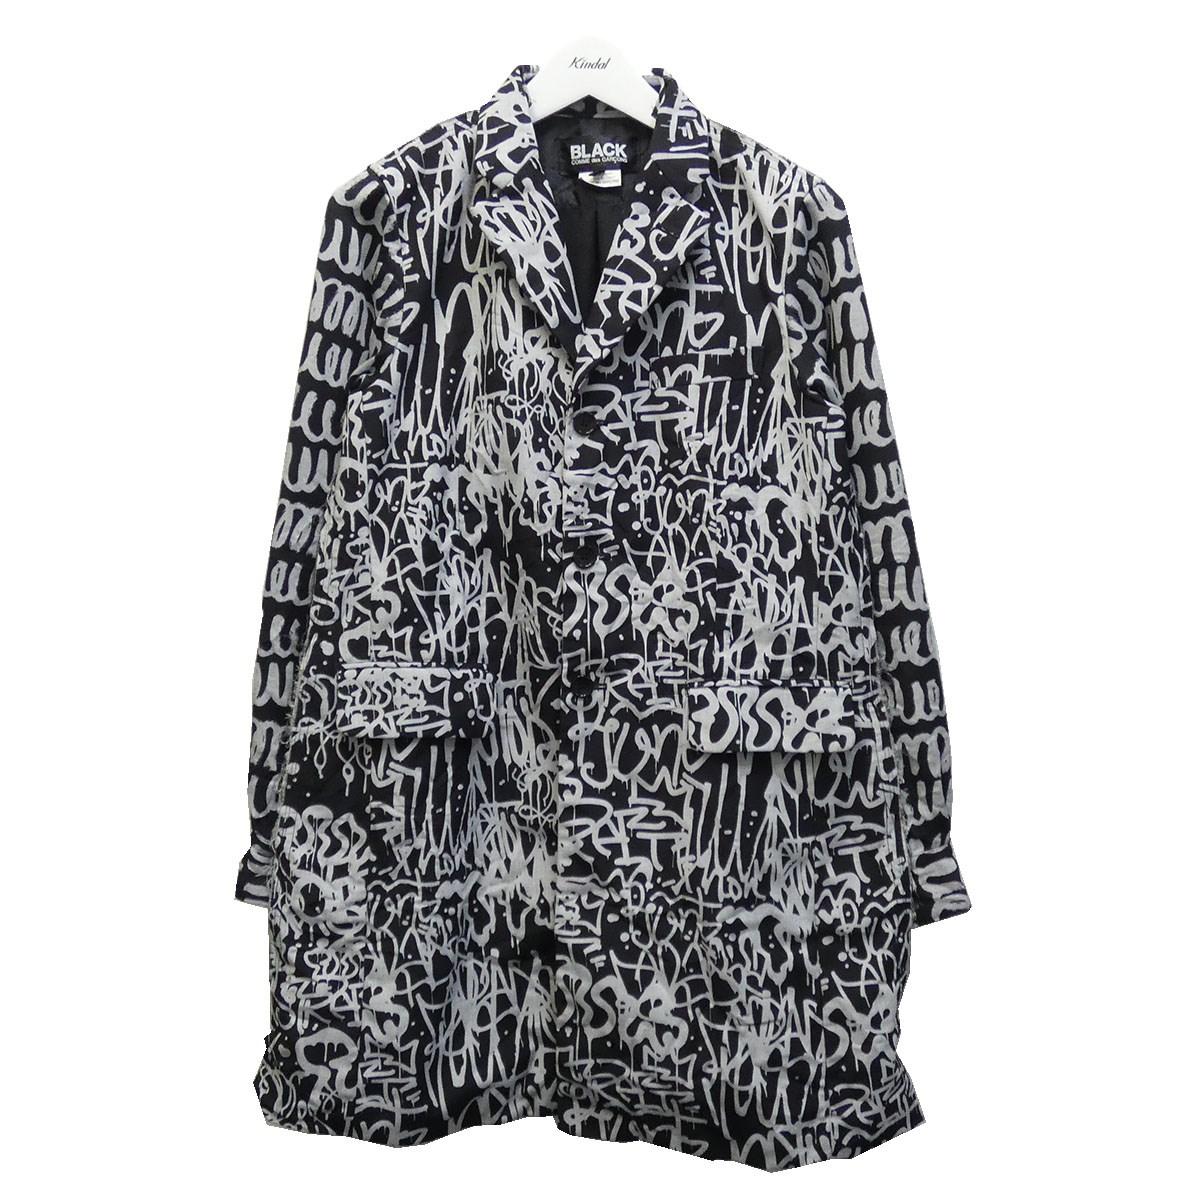 【中古】BLACK COMME des GARCONS 19AW 総柄プリントチェスターコート ブラック サイズ:S 【080720】(ブラック コムデギャルソン)